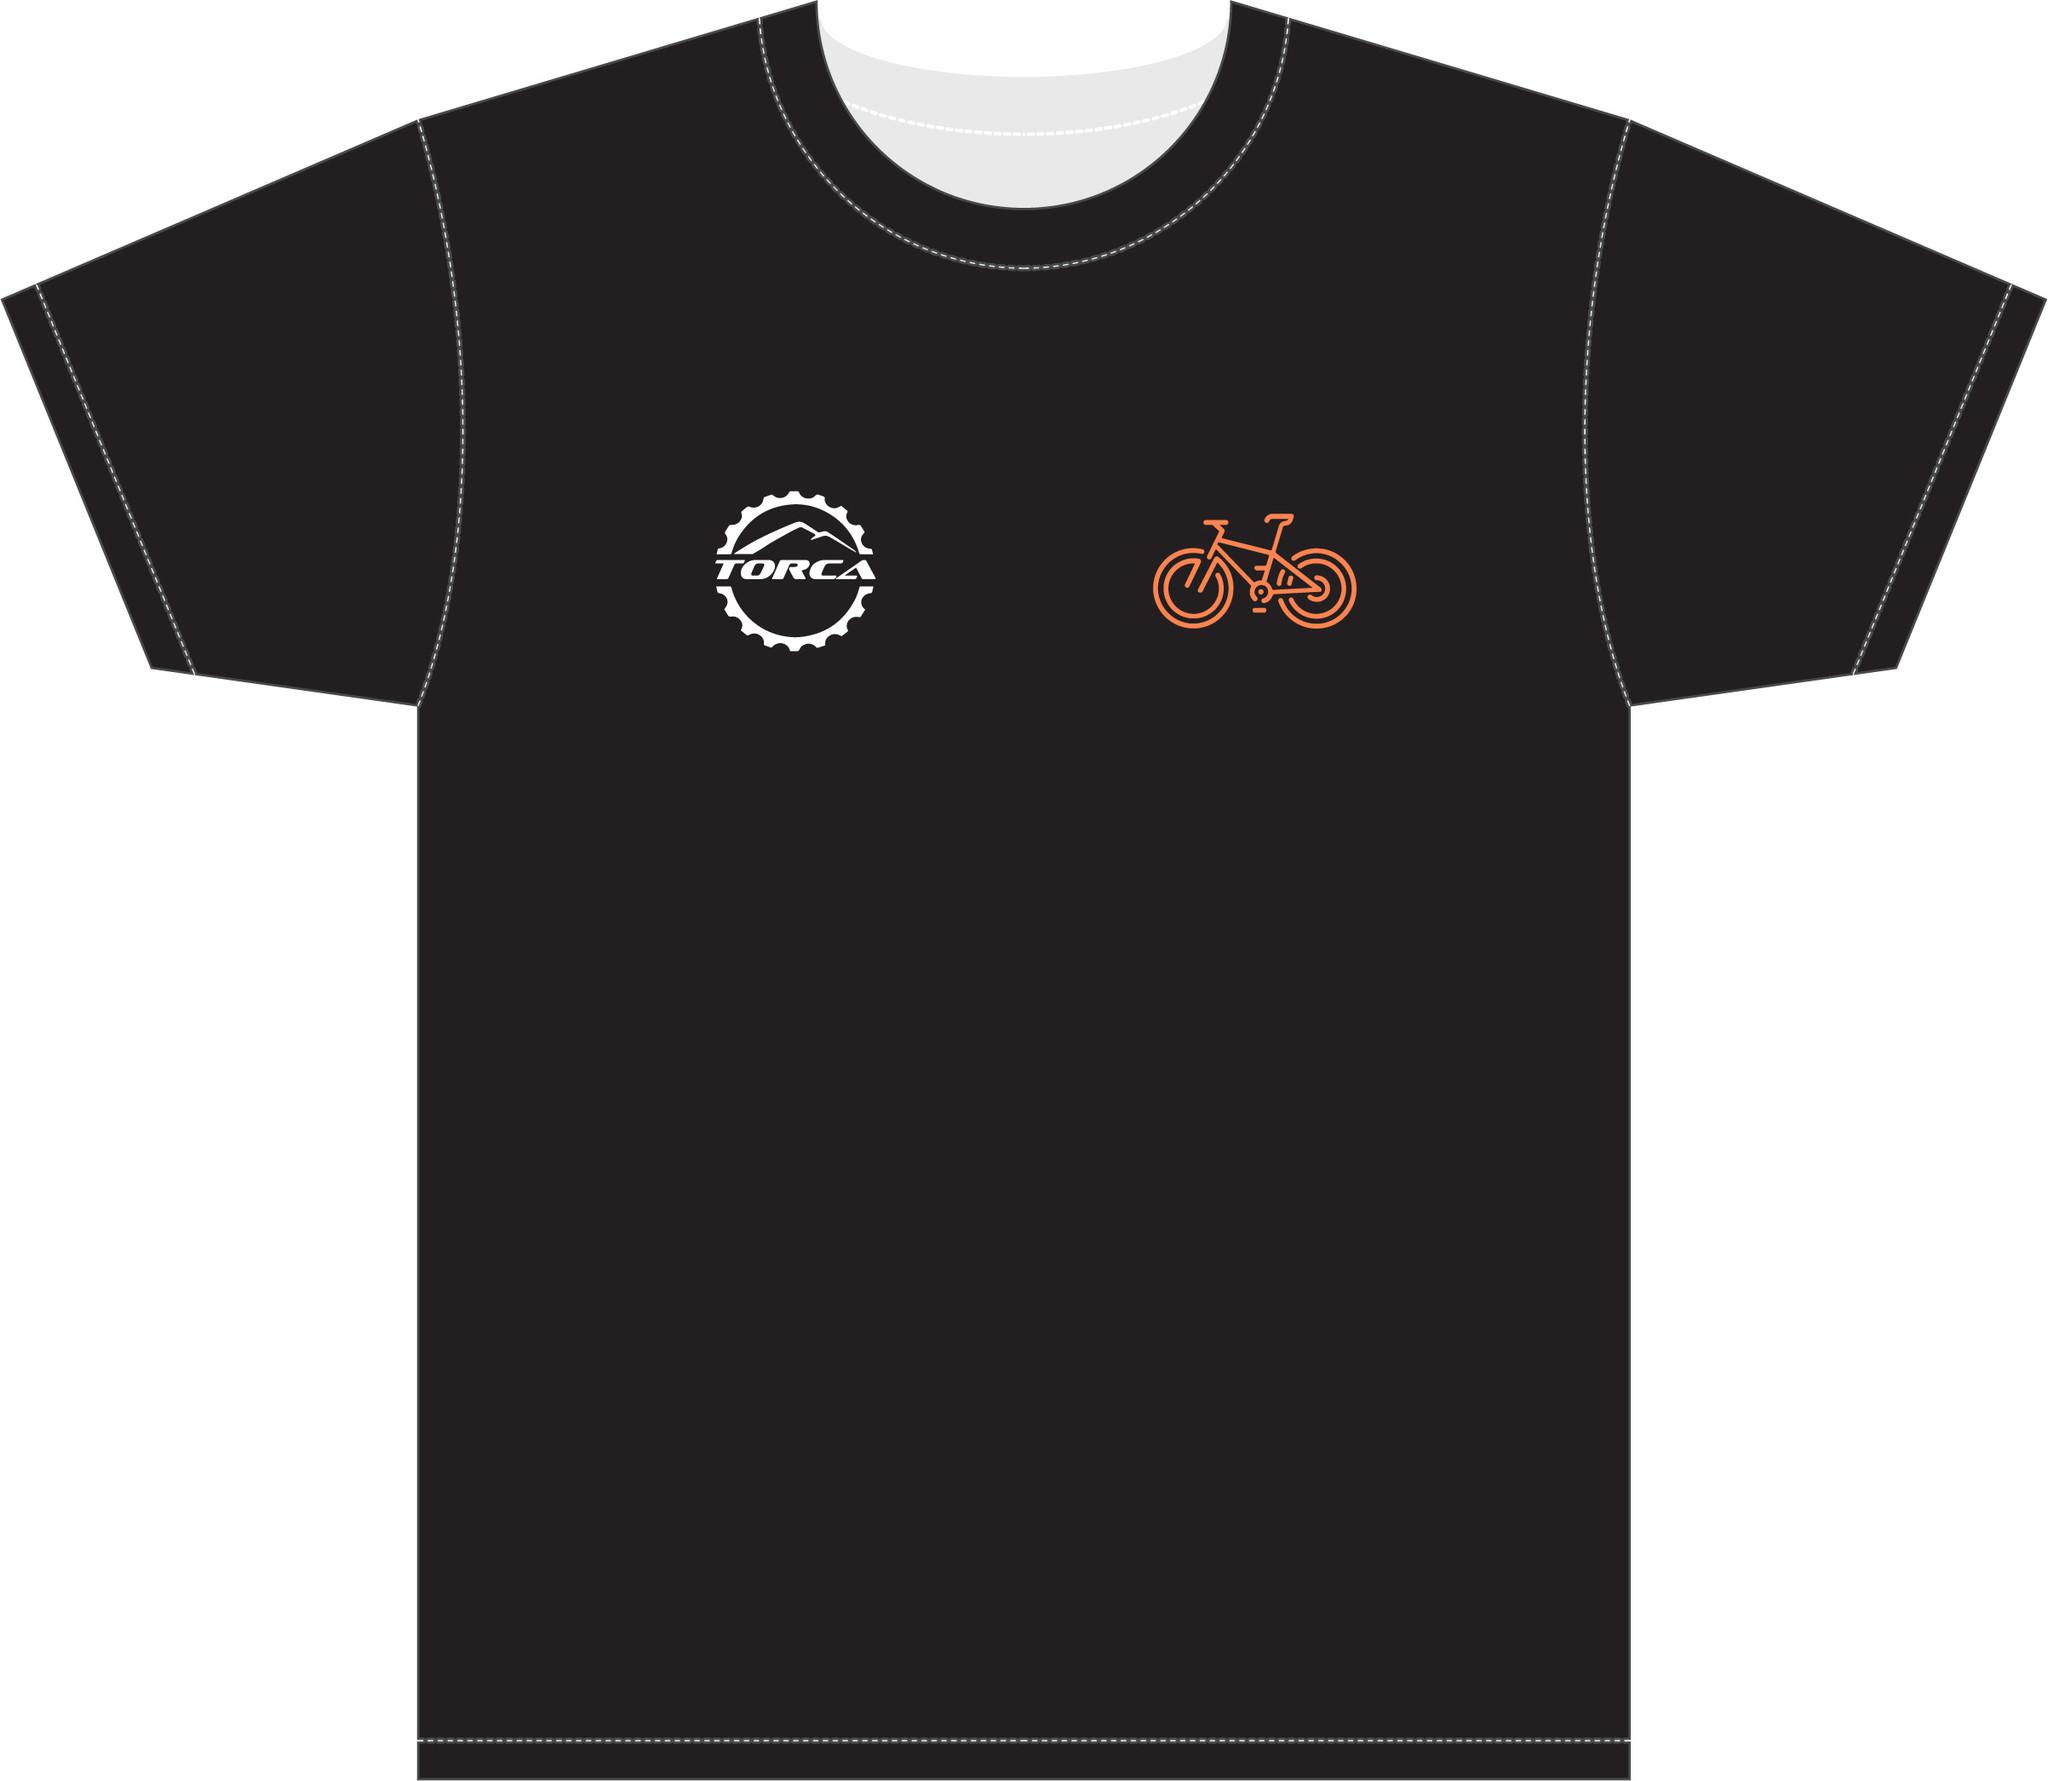 IMBY X Torca Tour T-Shirt Black-2